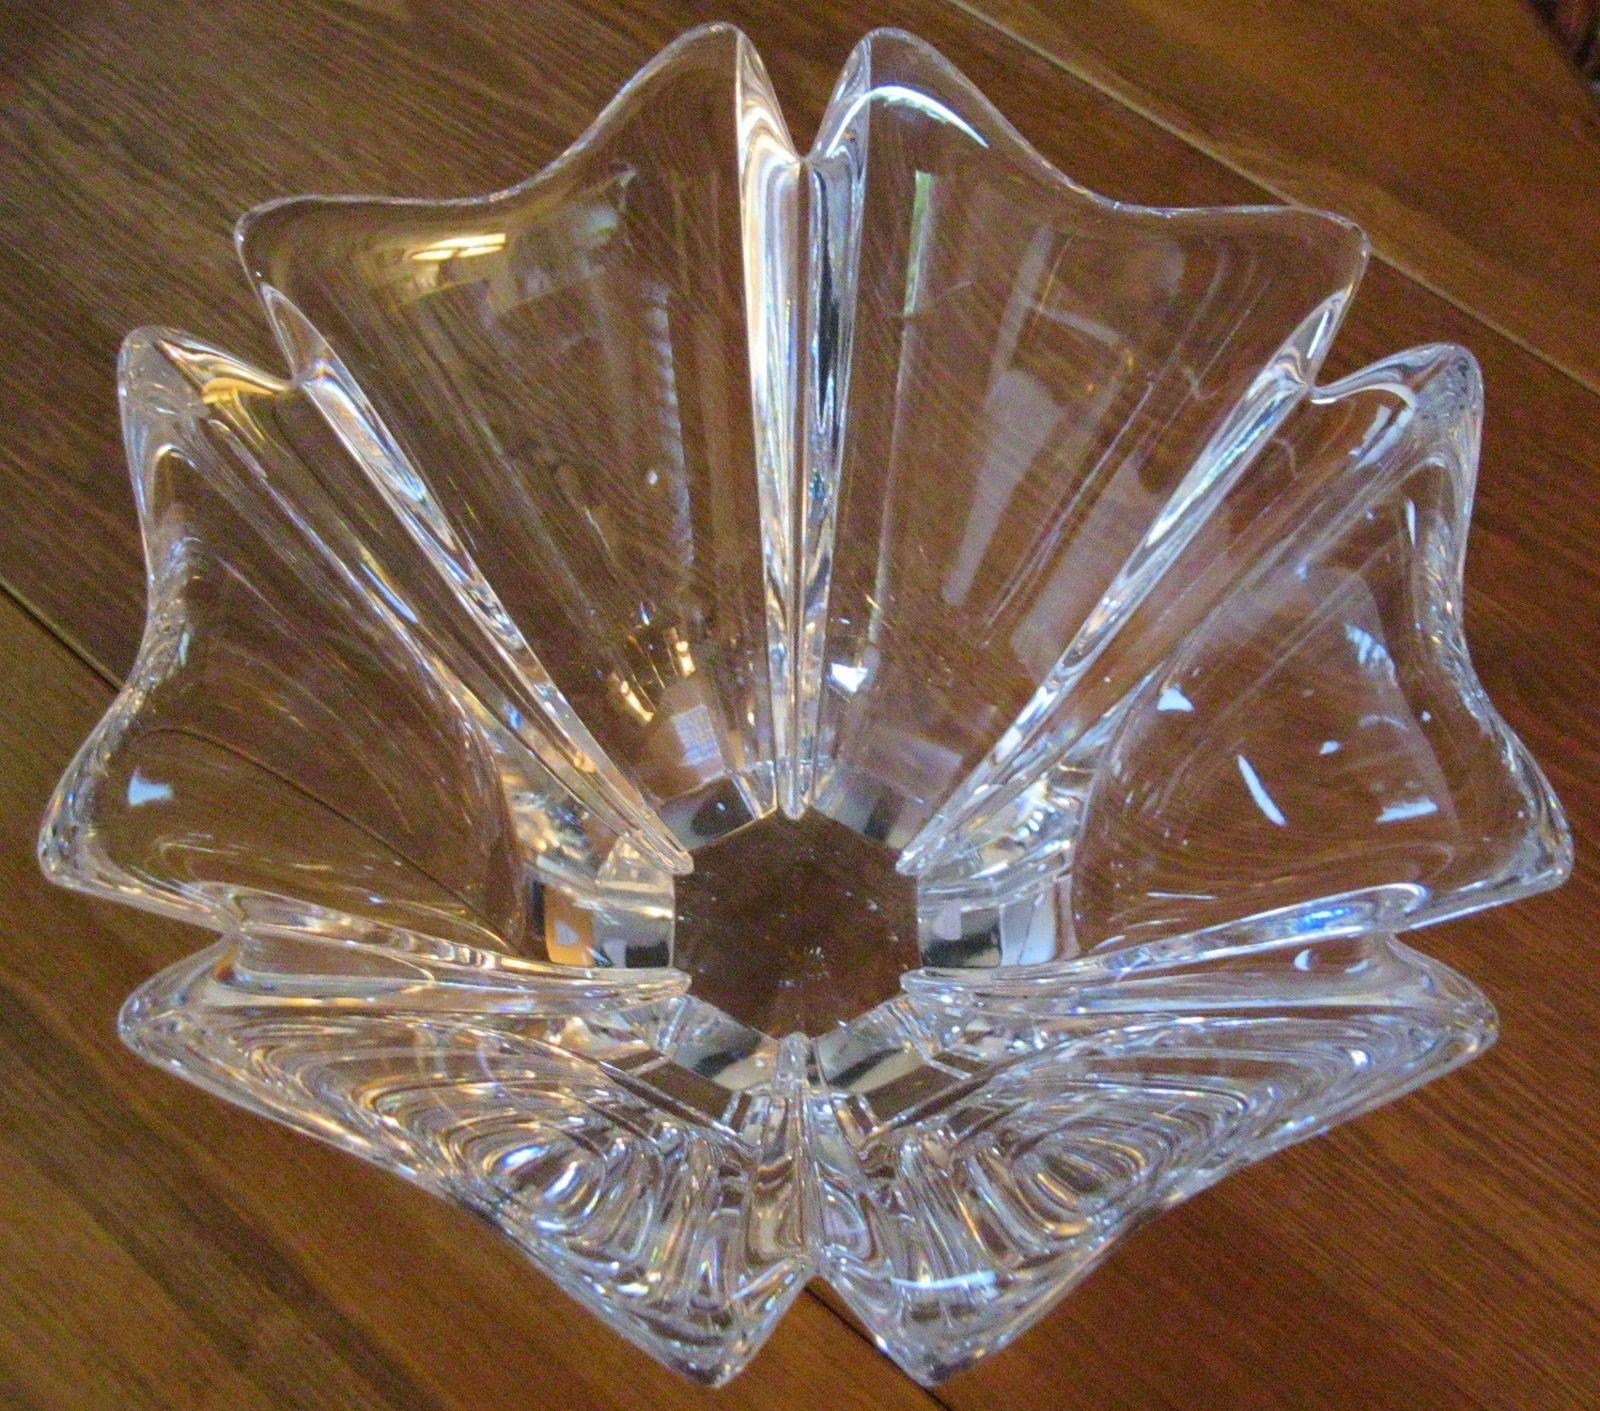 Vends jolie coupe en cristal